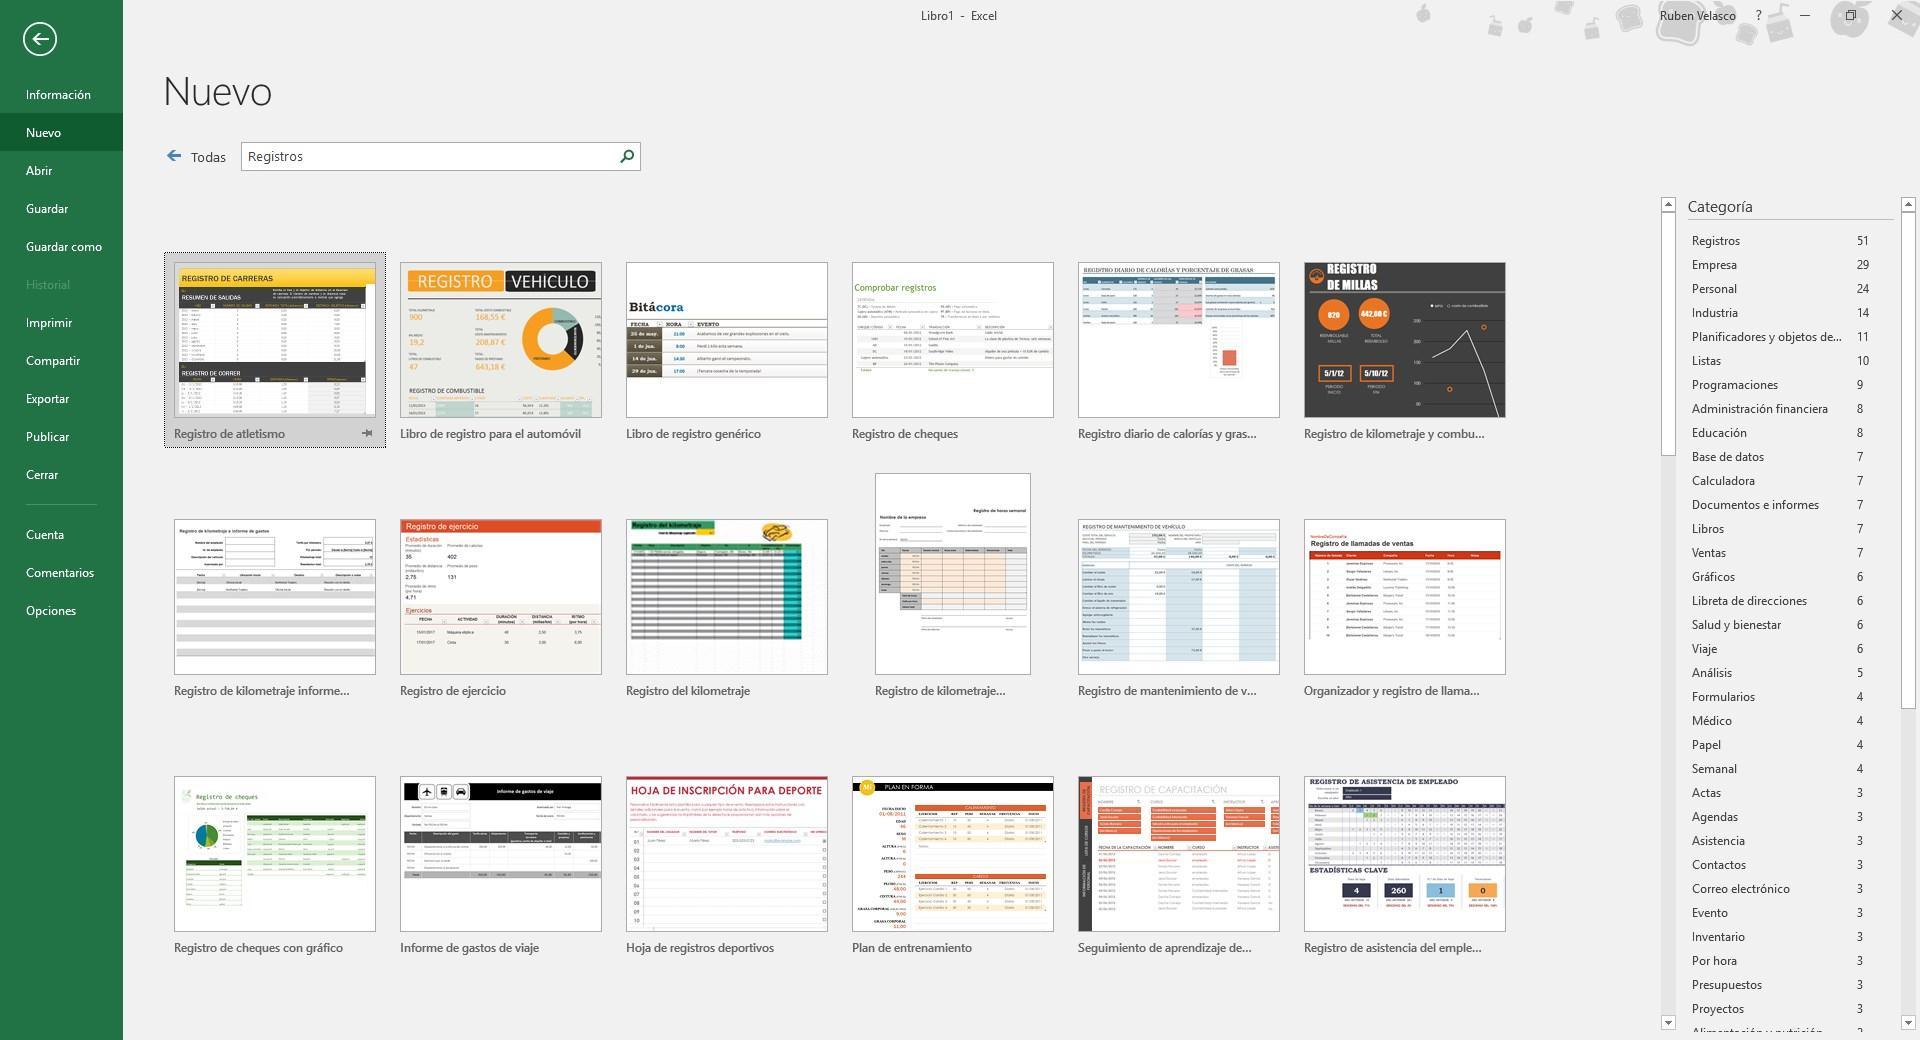 Plantillas en Excel: cómo utilizarlas para crear hojas de cálculo